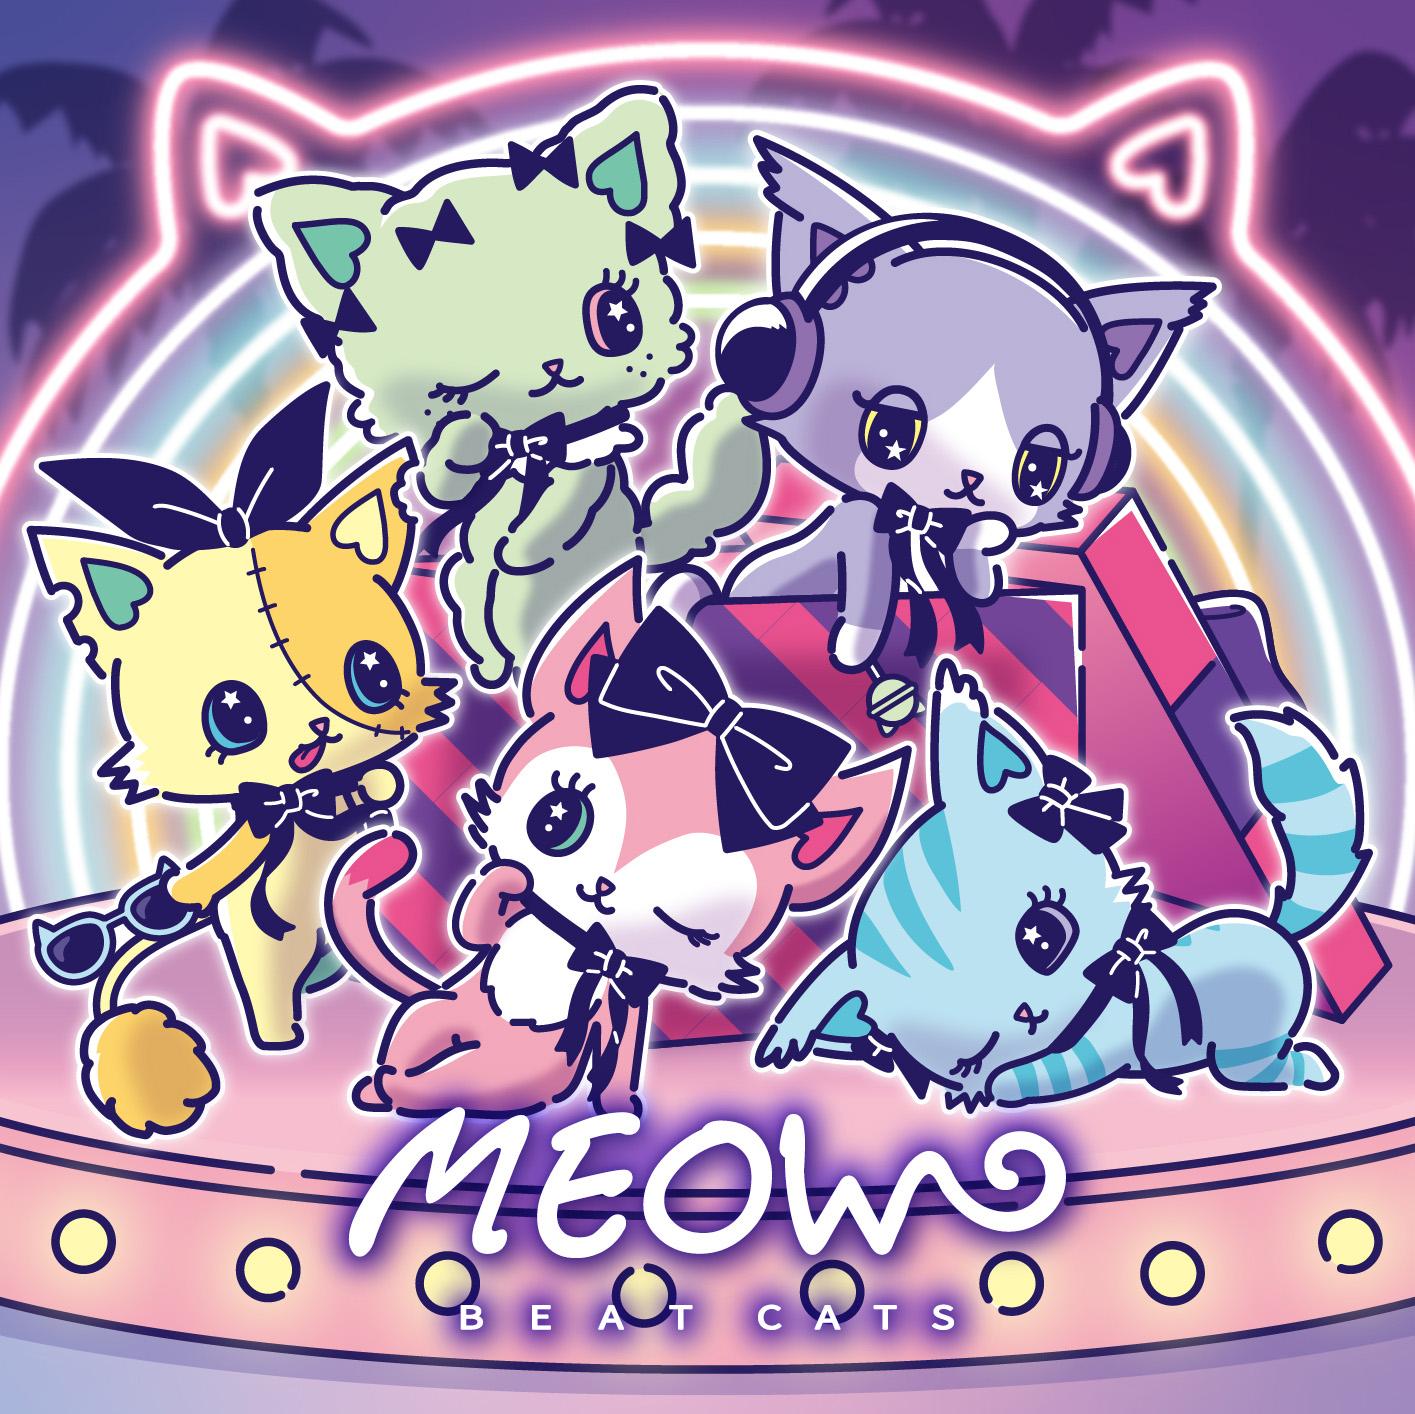 Beatcats「MEOW」ジャケット